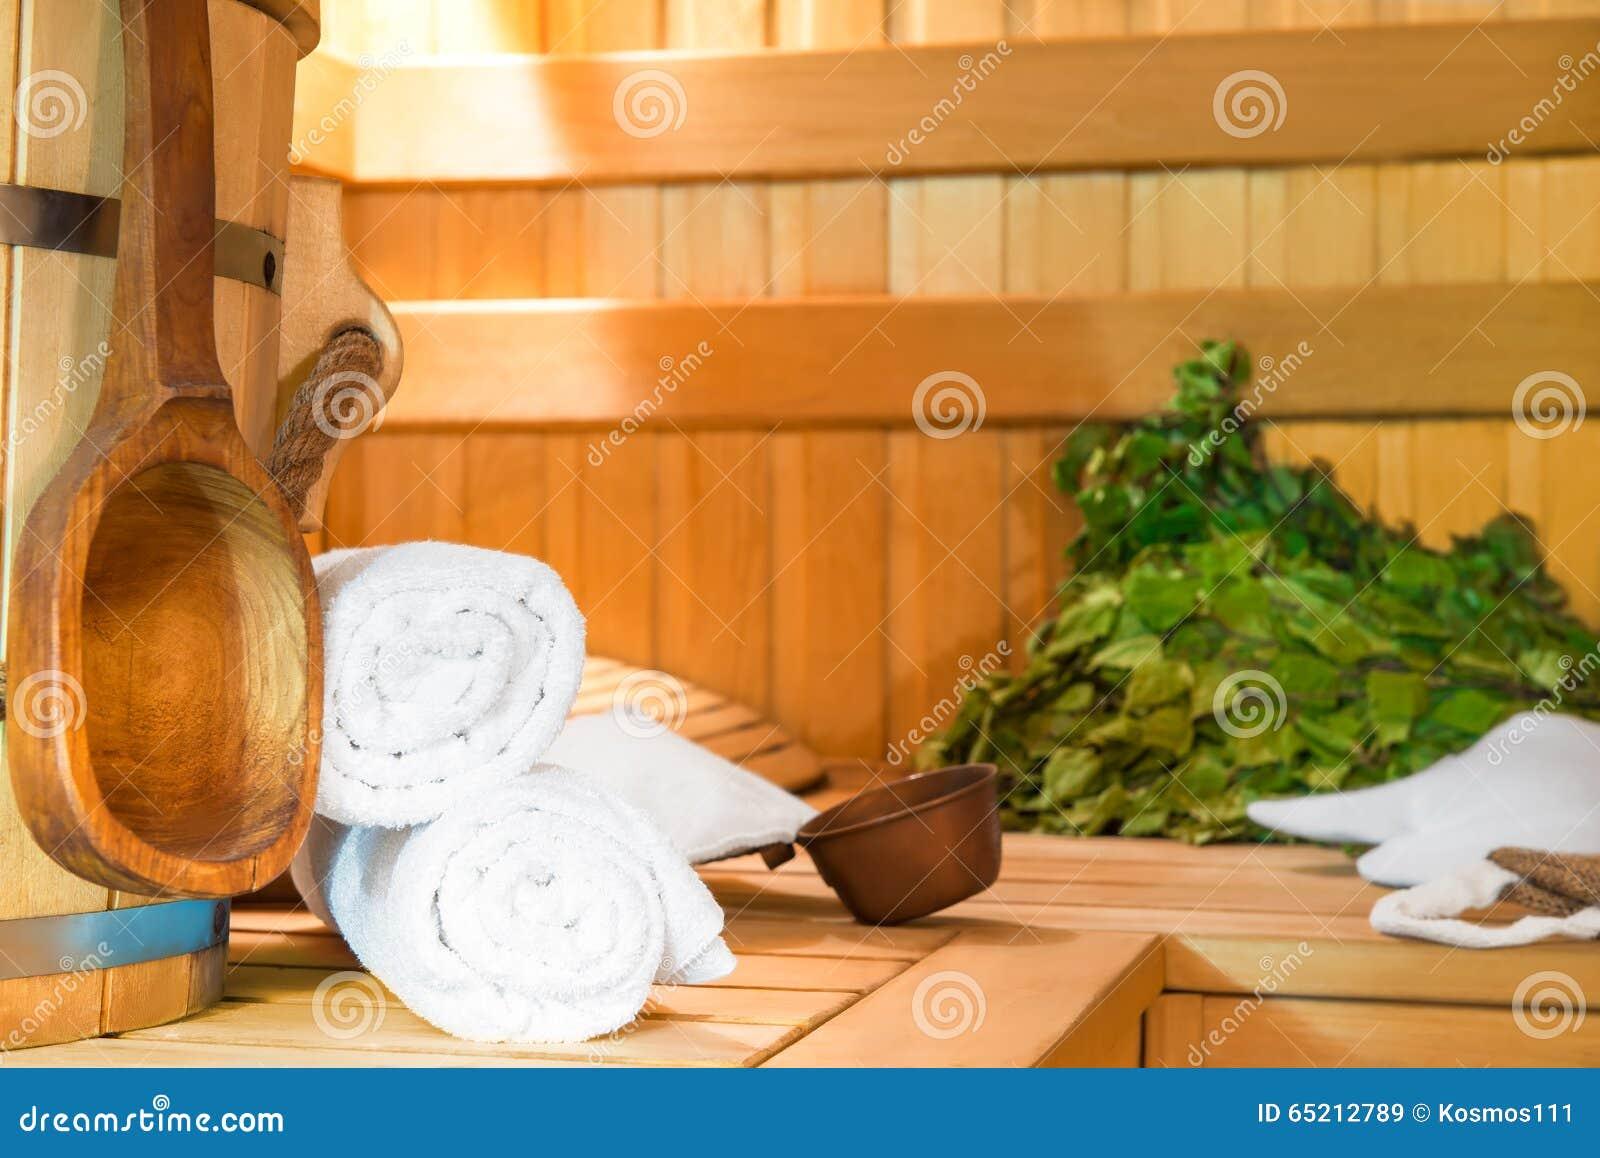 Accessori Per Bagno Turco.Accessori Per Il Finlandese Un Bagno Turco Immagine Stock Immagine Di Oggetti Besom 65212789